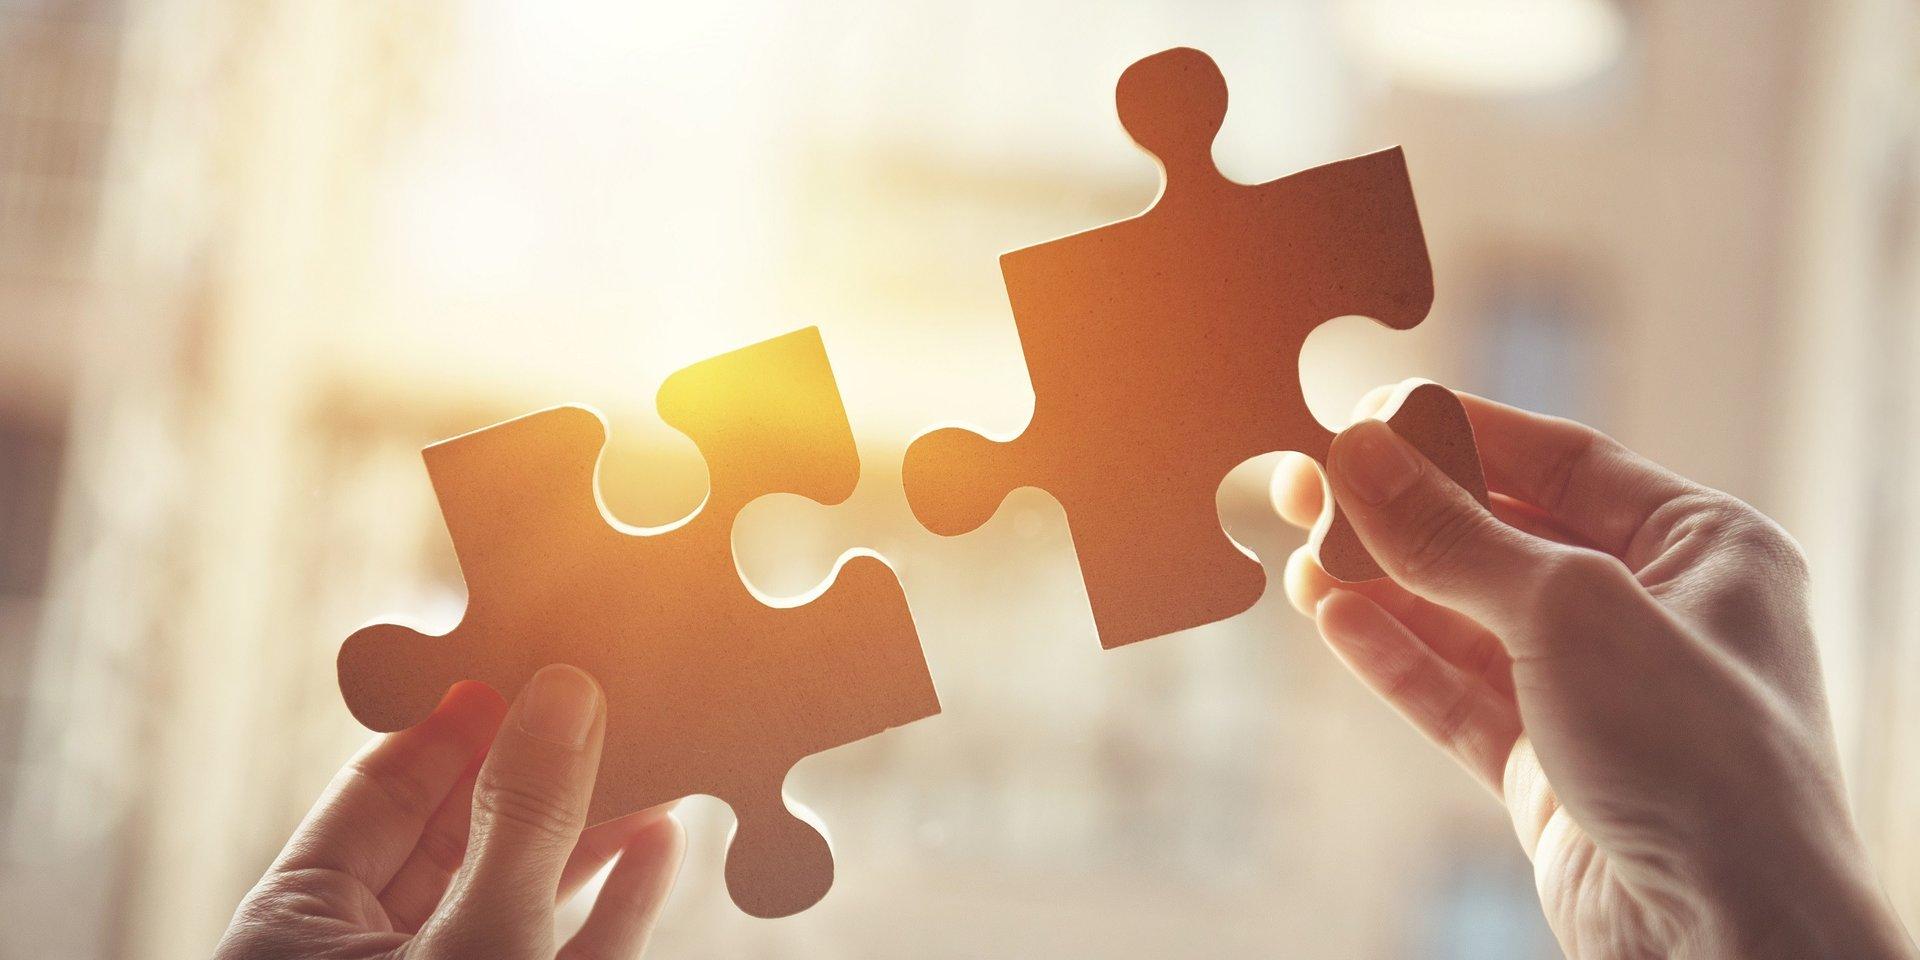 Europa rozpoczyna współpracę z UnilinkCash i Ocenapolis.pl